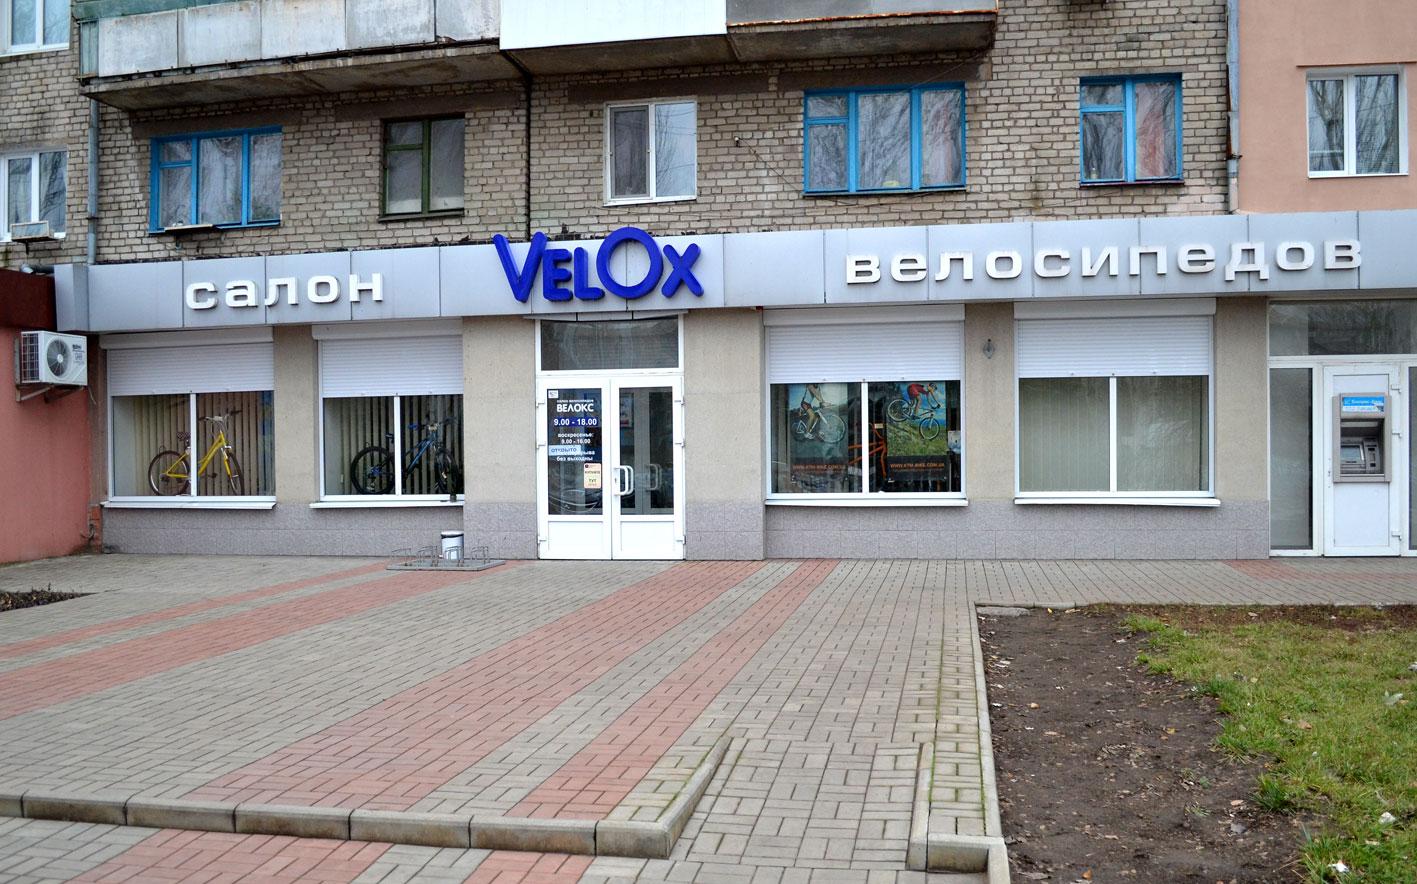 Velox_fasad